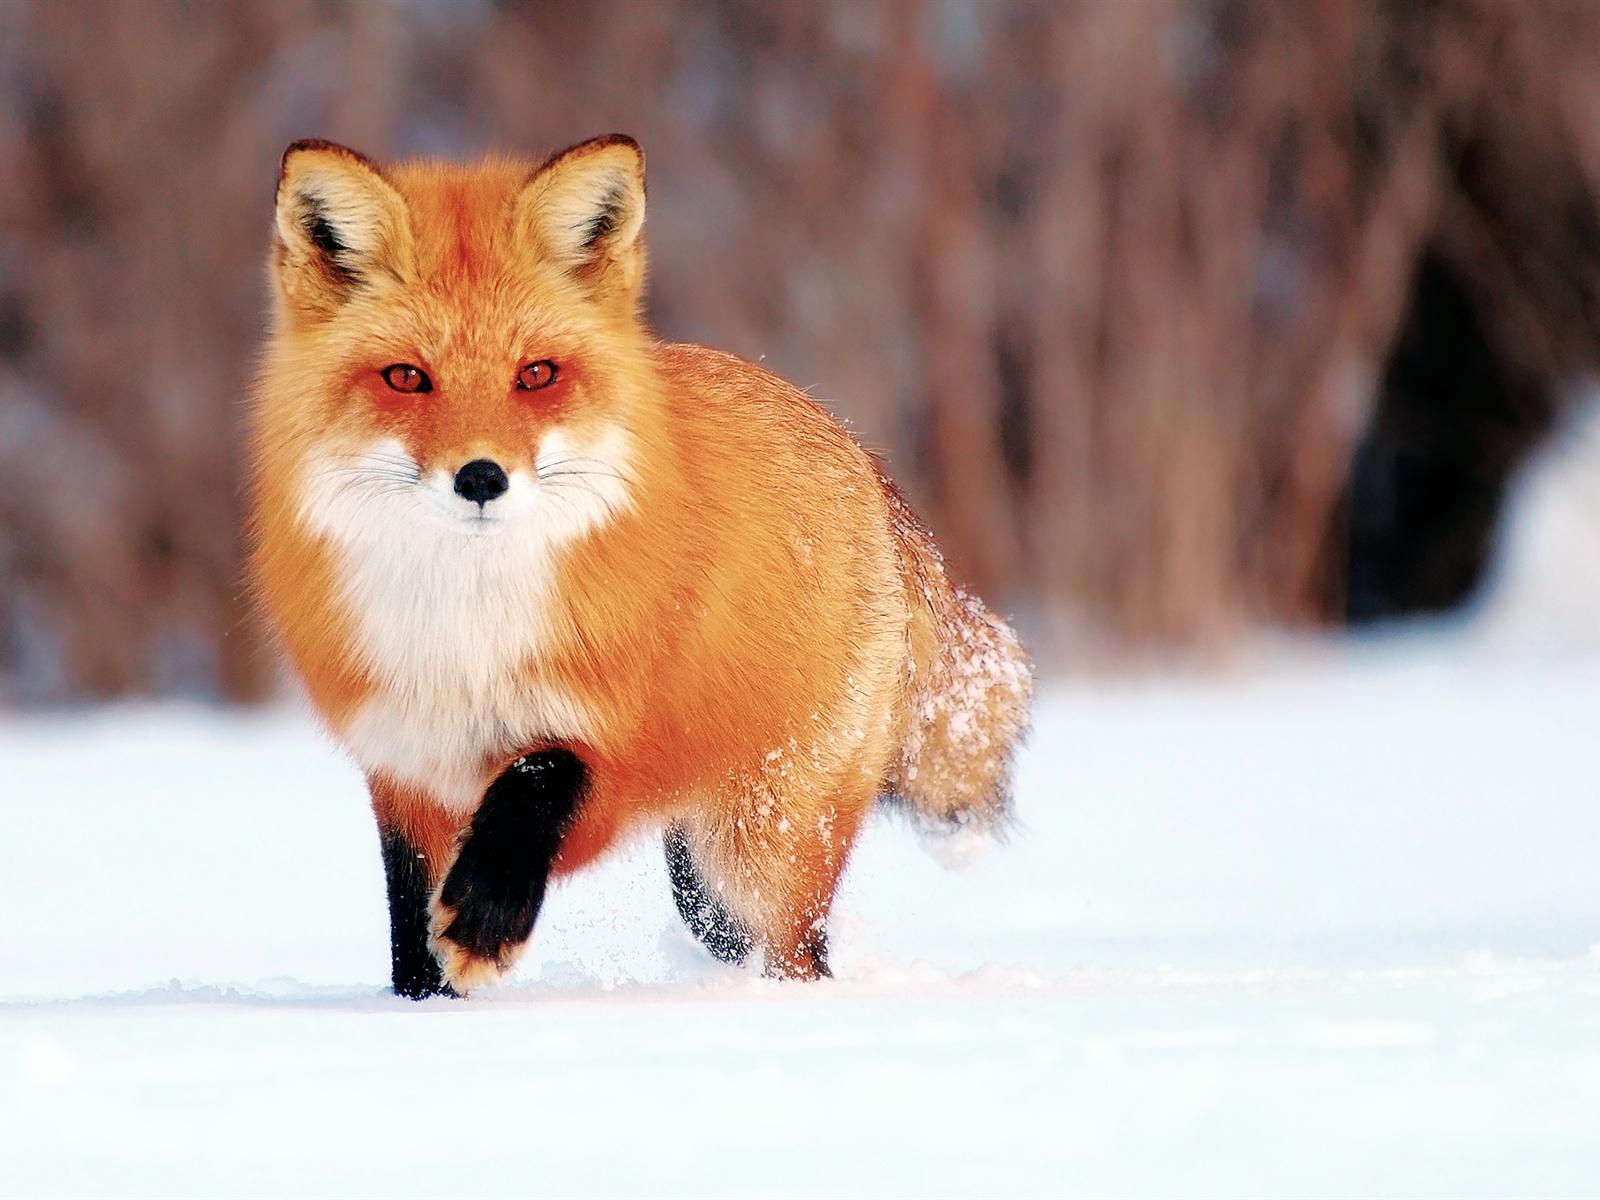 Winter Schnee Kleine Fuchs 1920x1200 Hd Hintergrundbilder Hd Bild